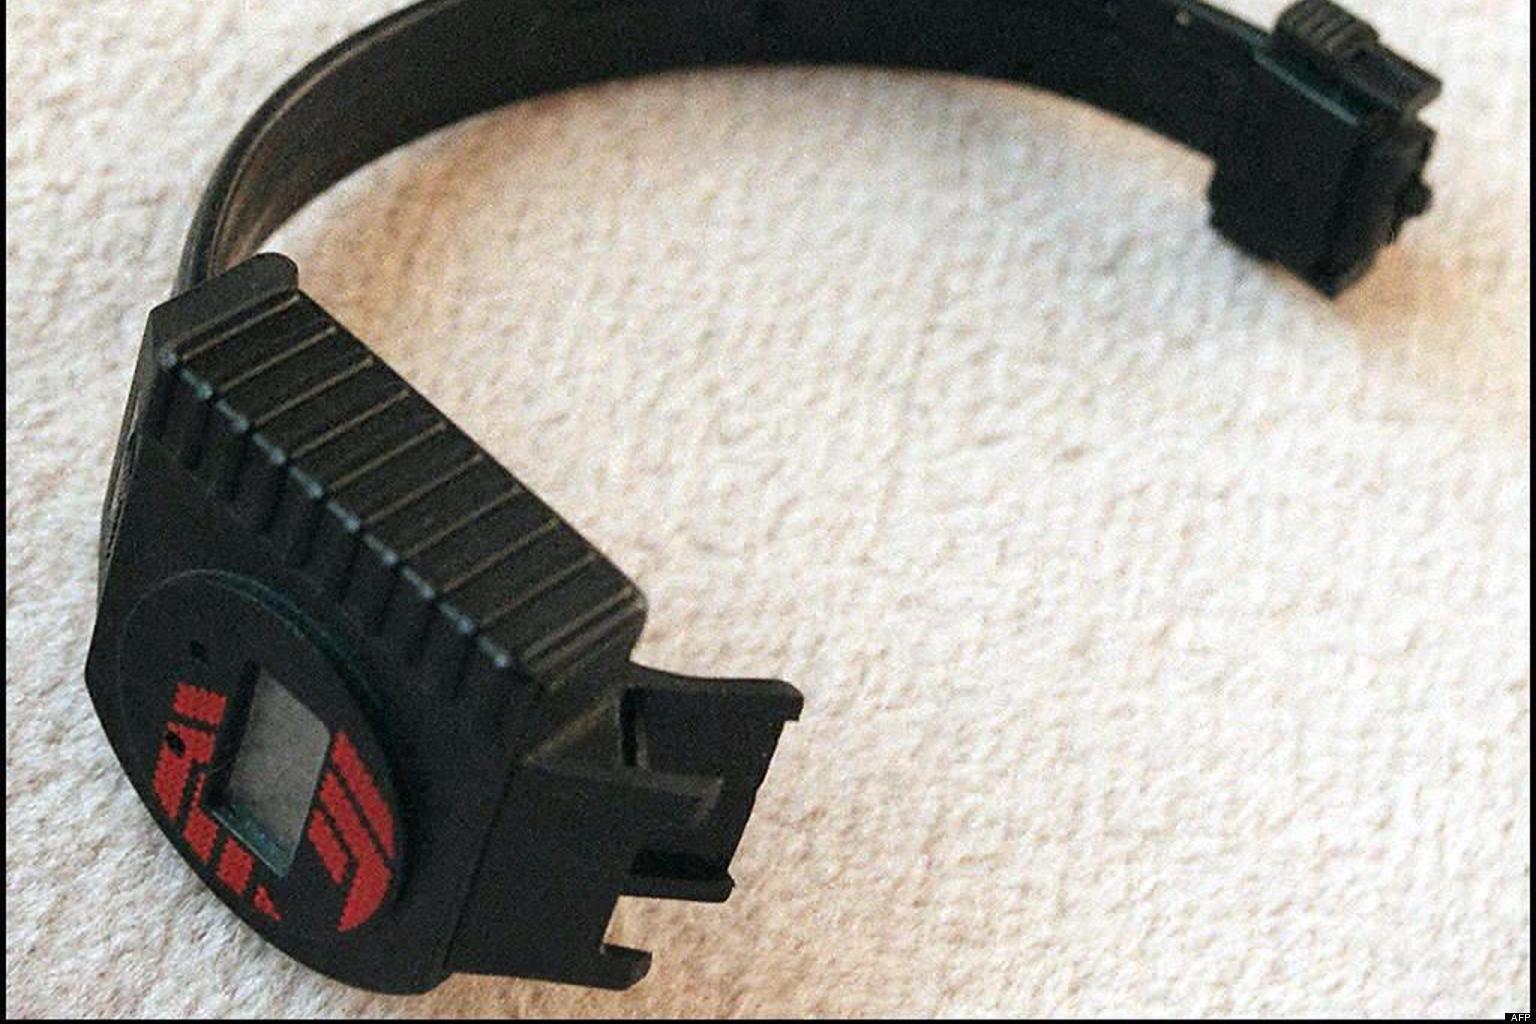 des employ u00e9s forc u00e9s de porter un bracelet  u00e9lectronique